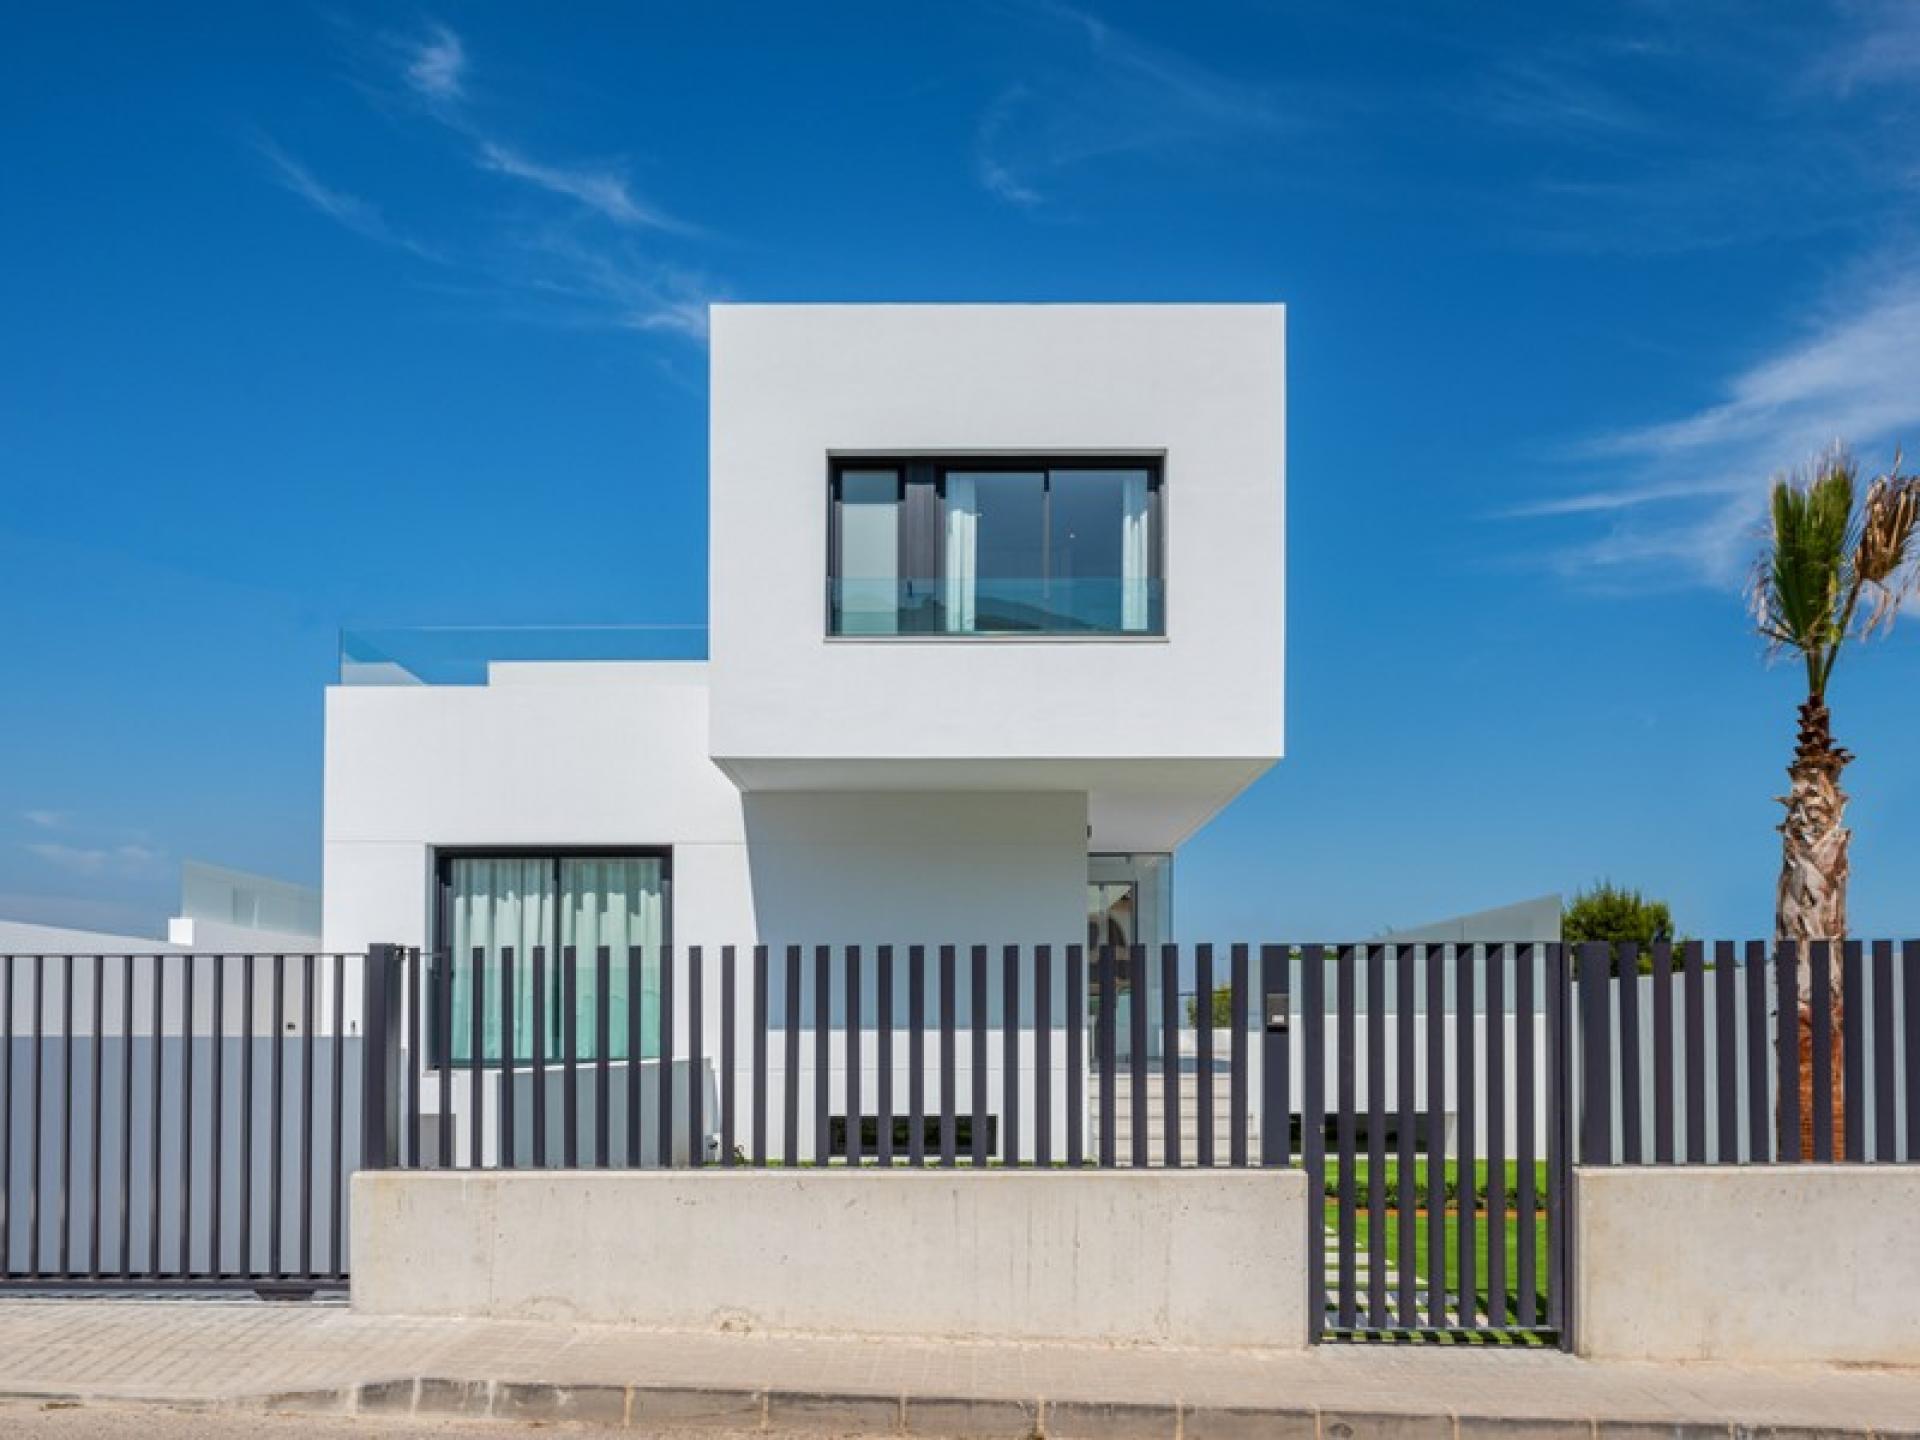 3 Slaapkamer Villa in Polop - Nieuwbouw in Medvilla Spanje